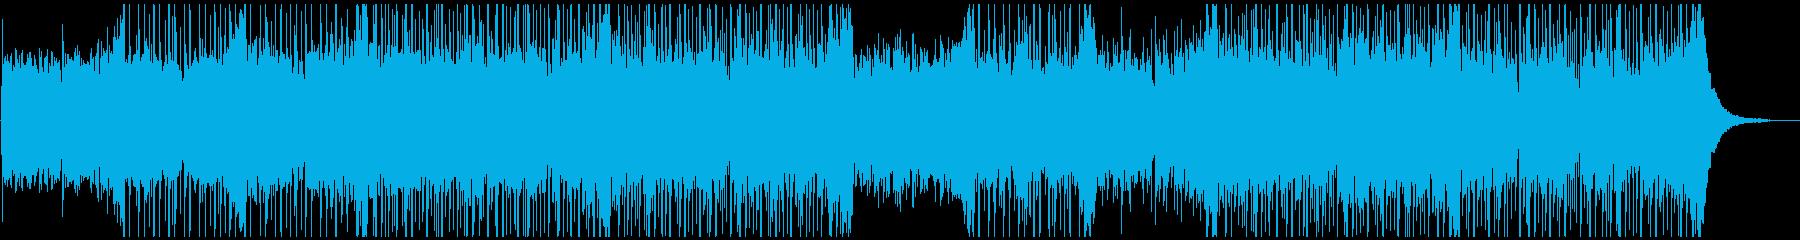 落ち着いたアンビエントエレクトロニカの再生済みの波形